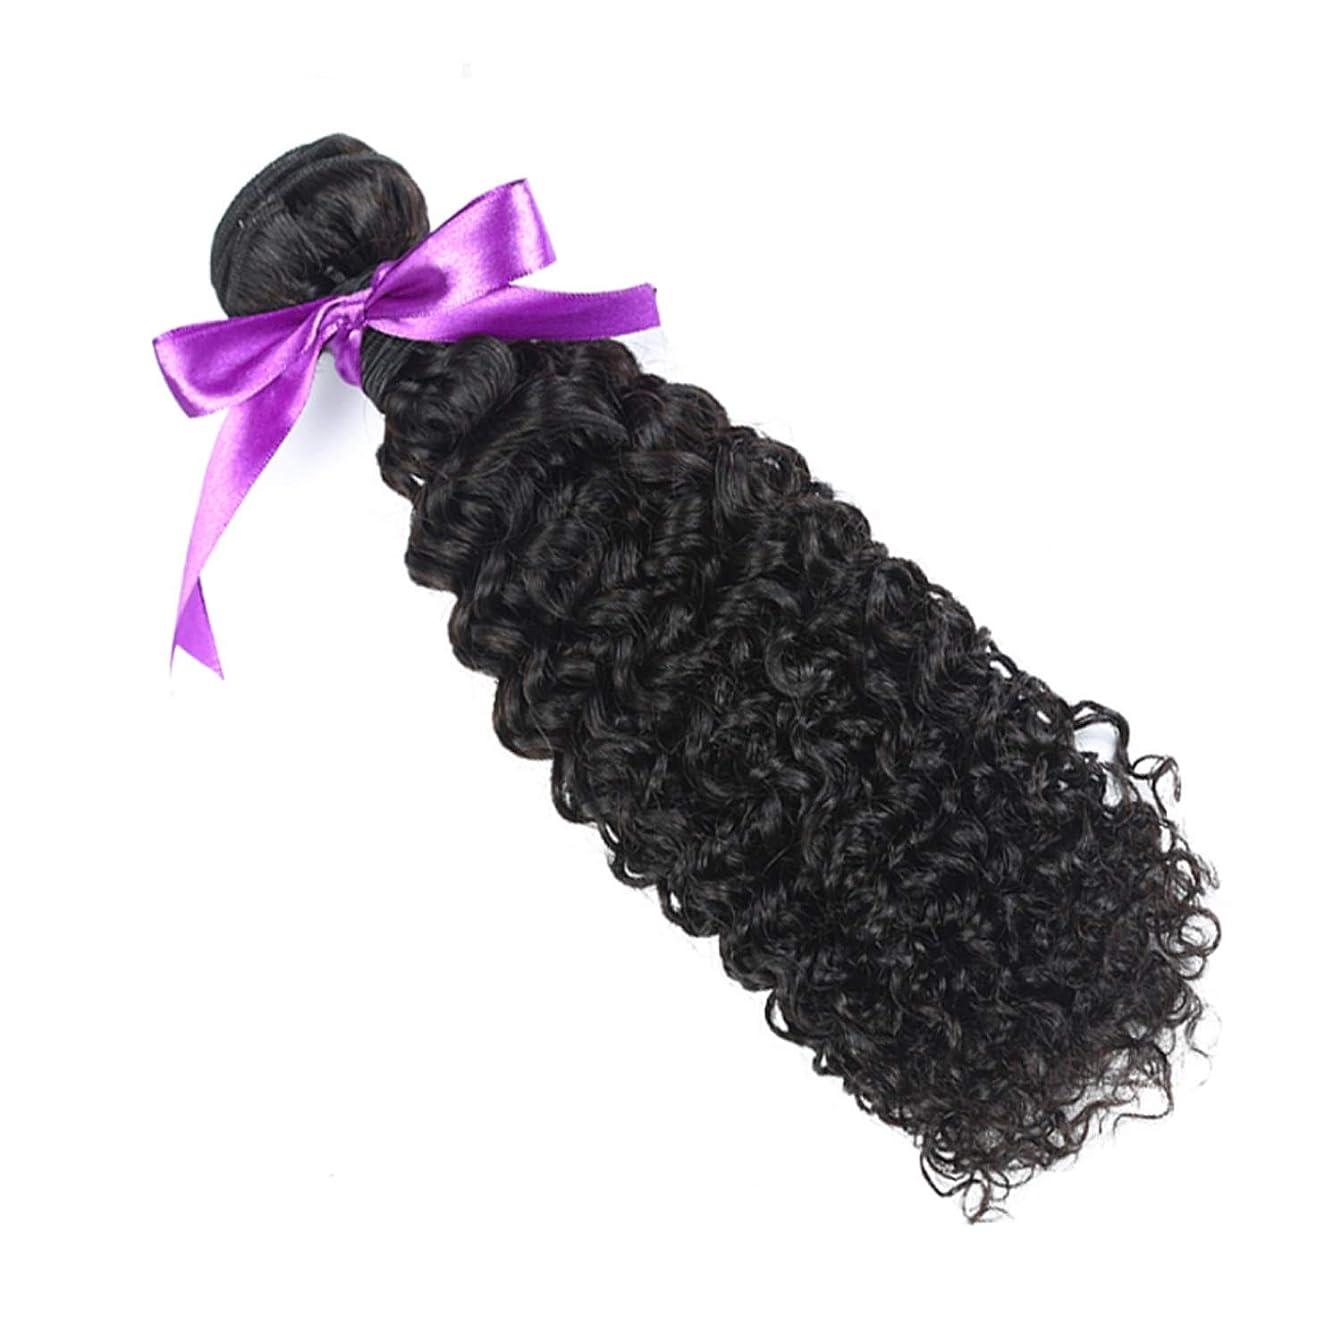 世界協力的ウィスキーマレーシアの巻き毛の束8-28インチ100%の人間の毛髪は、Remyの毛のナチュラルカラー1個の髪の束を織ります かつら (Stretched Length : 16inches)